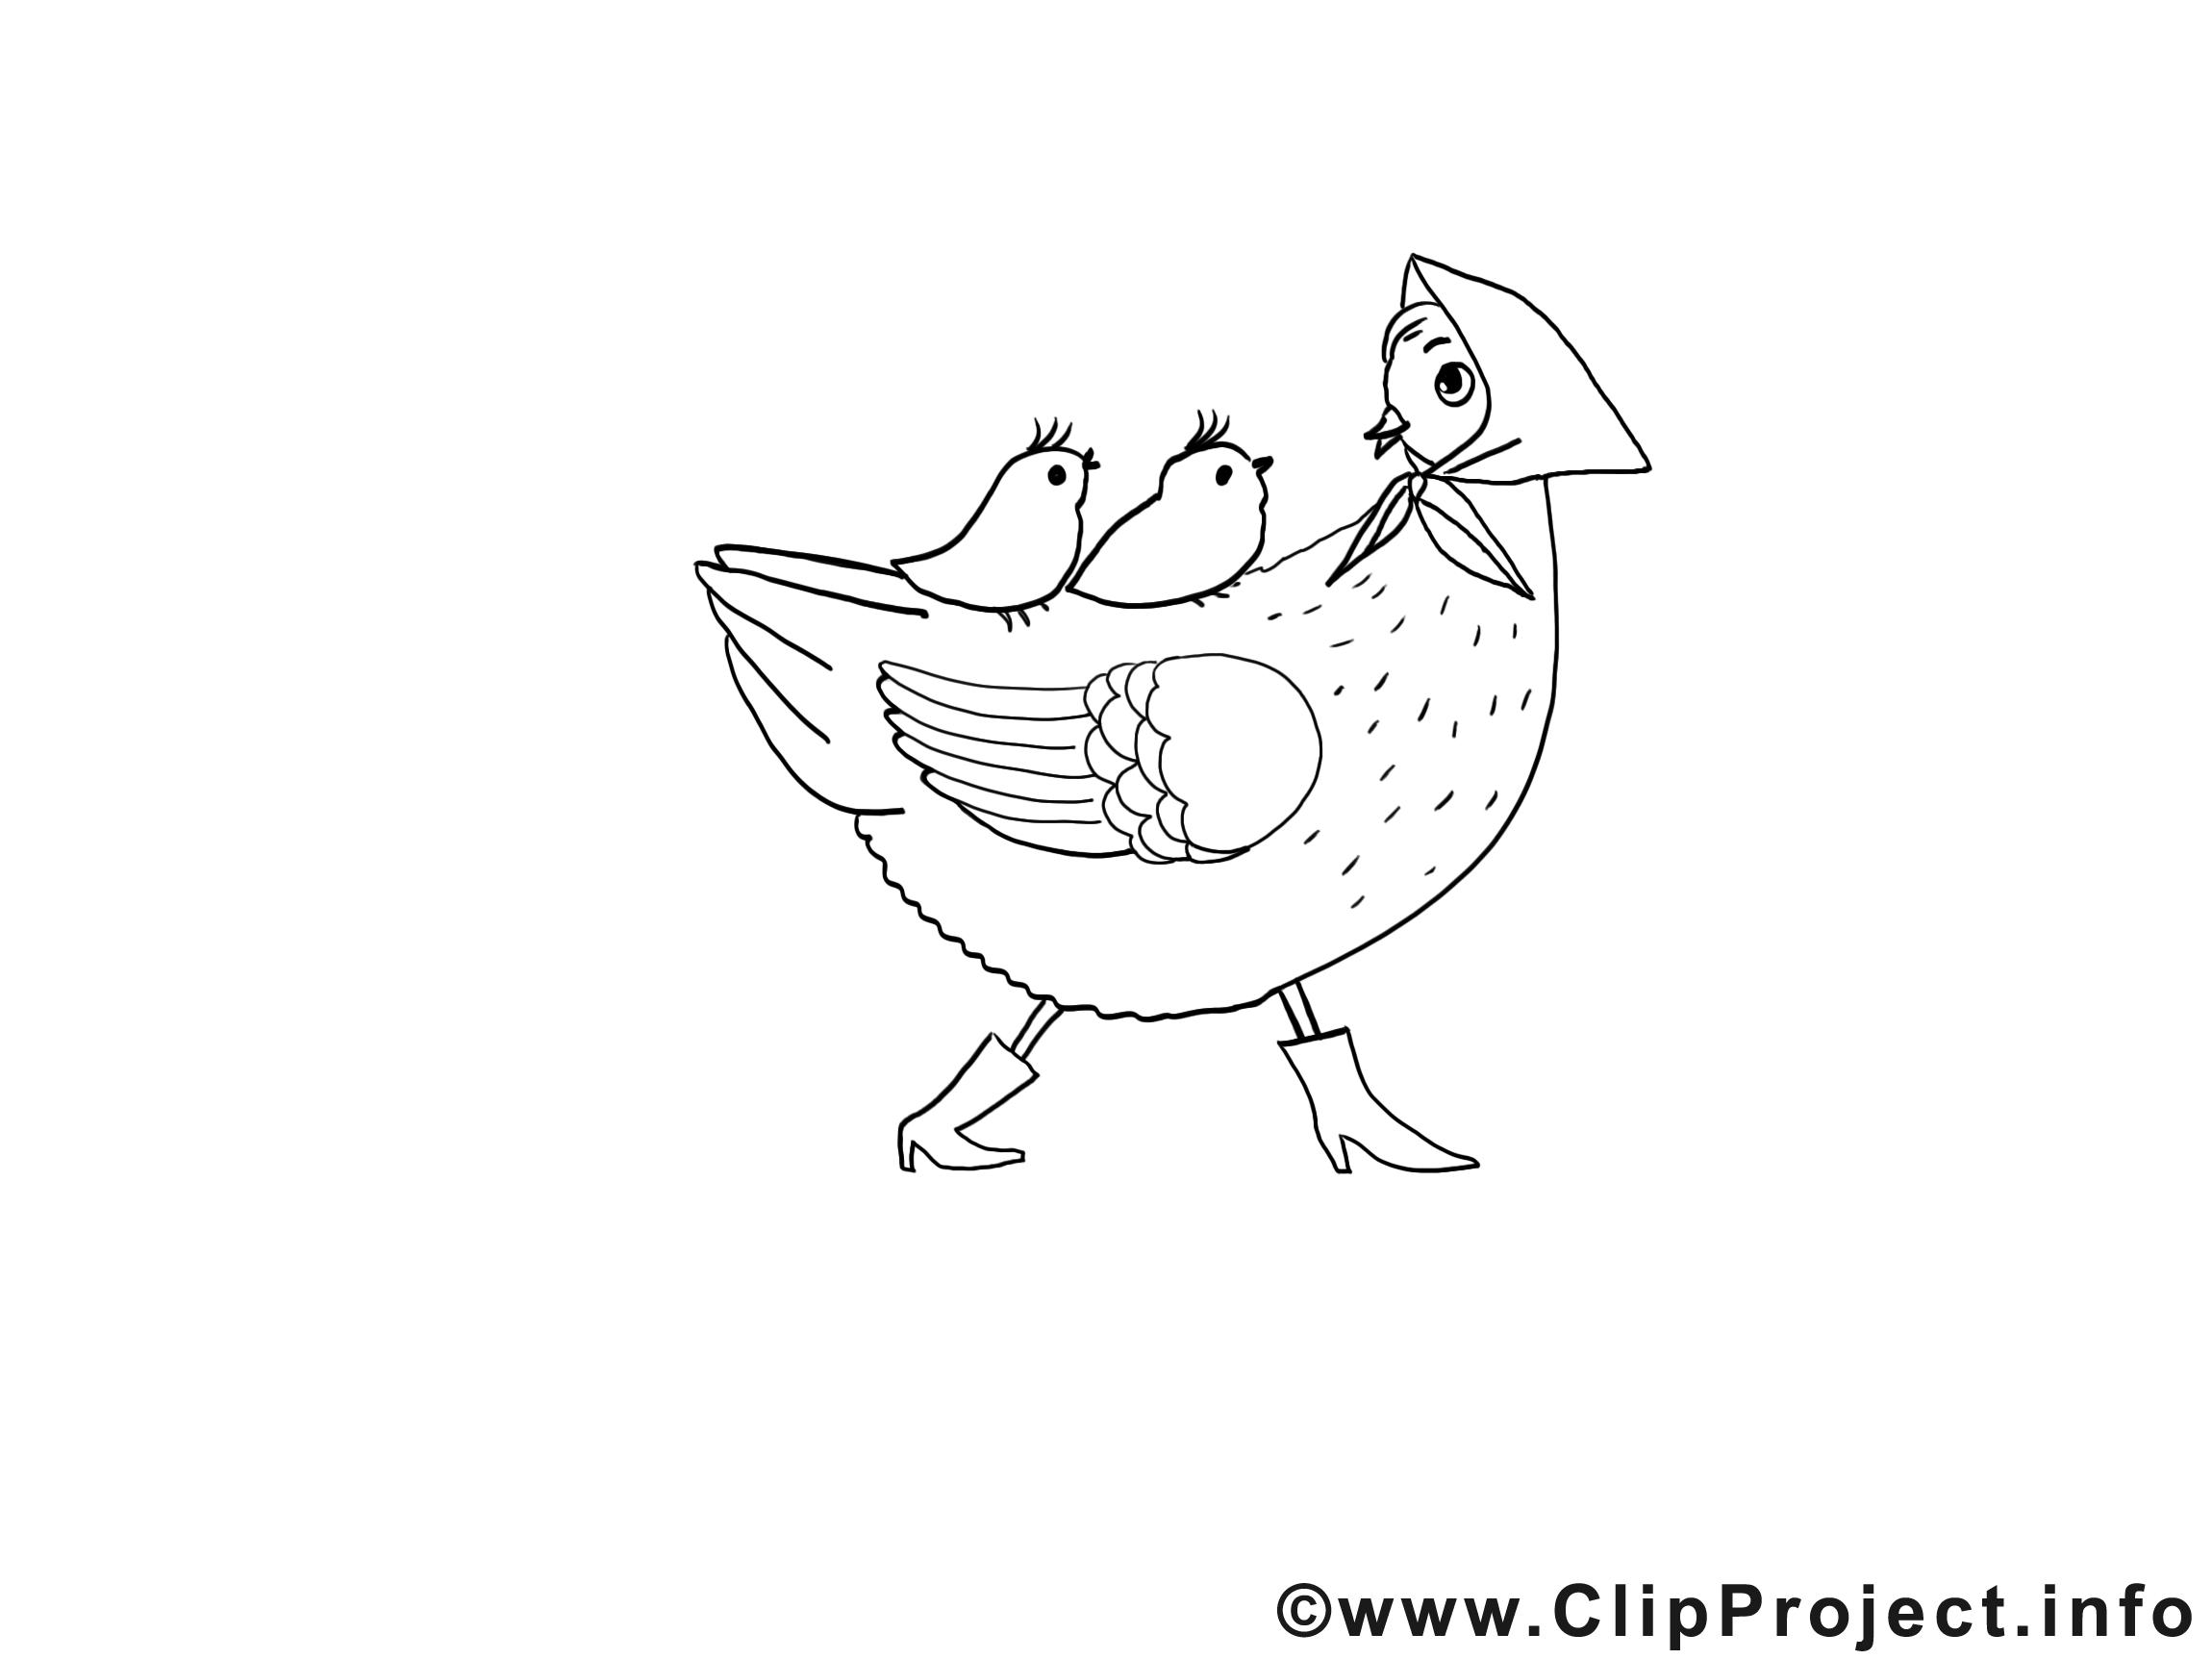 Poule Images Pâques Gratuit à Imprimer Pâques Coloriages